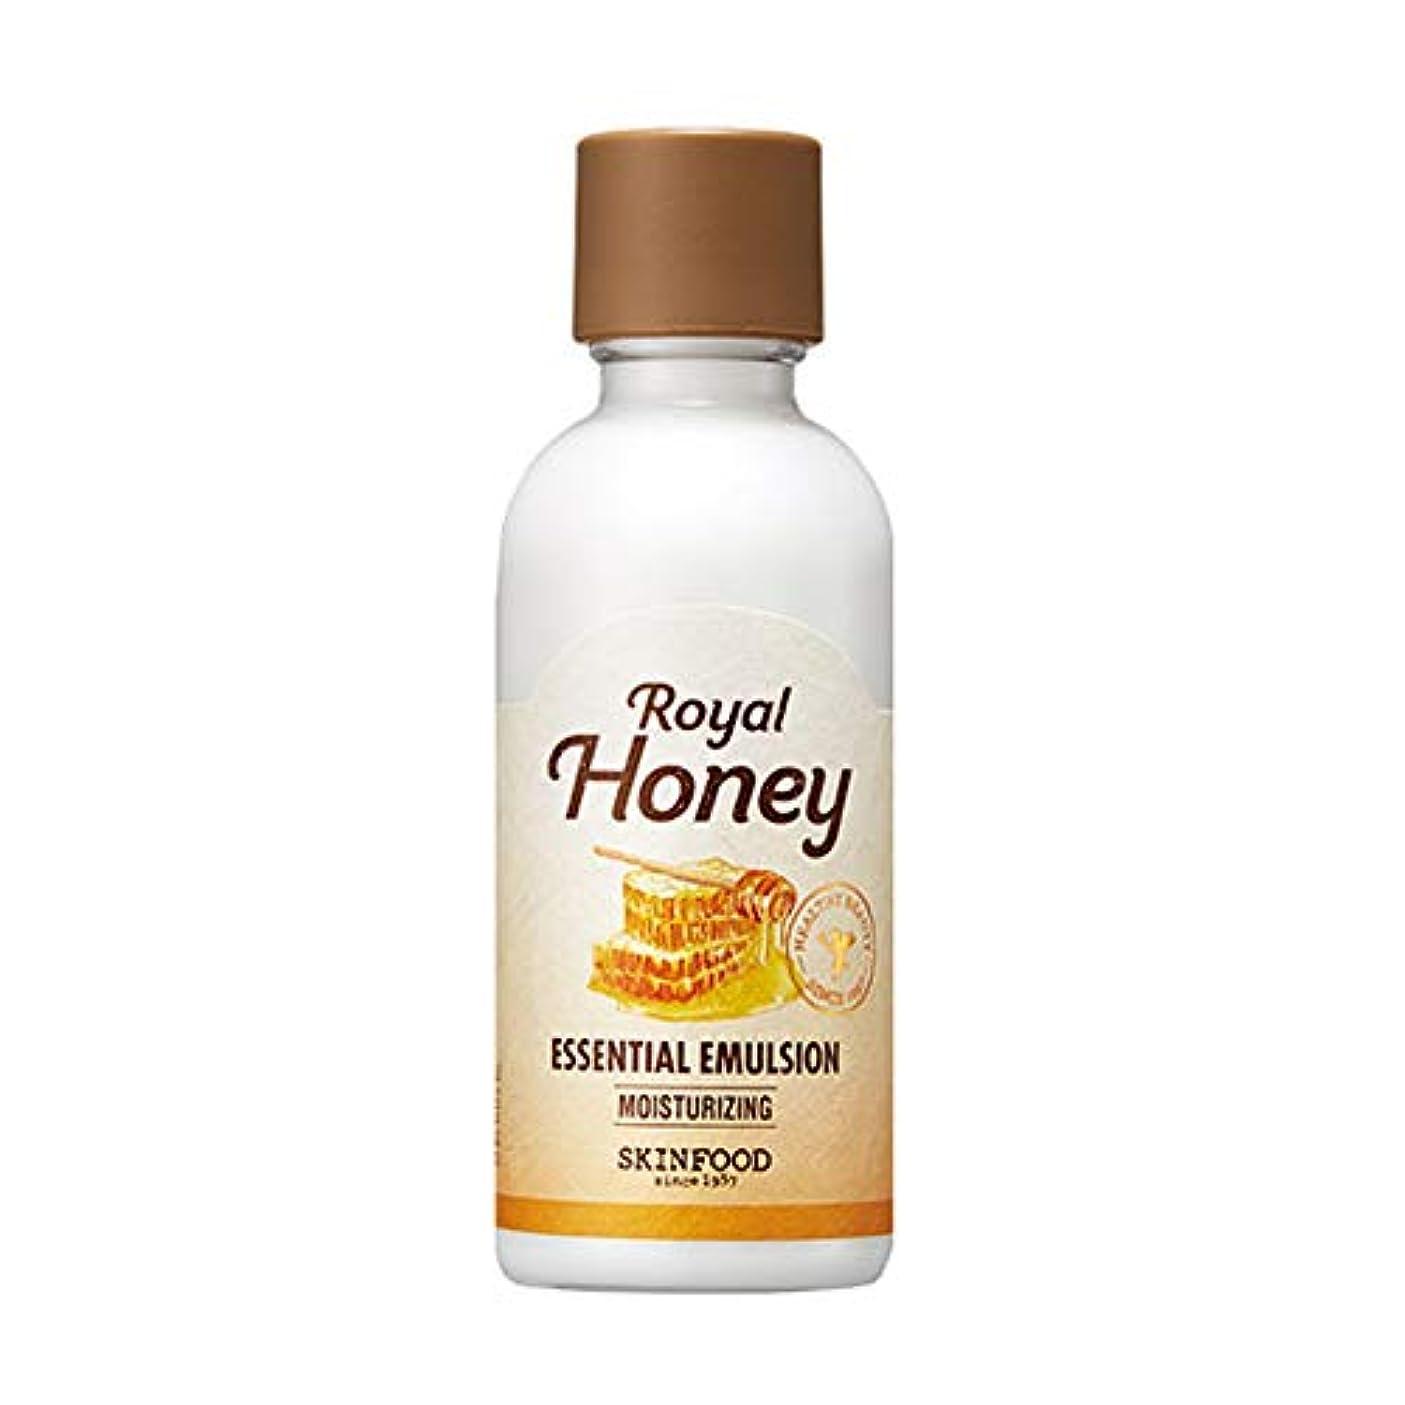 旧正月委員長決してSkinfood ロイヤルハニーエッセンシャルエマルジョン/Royal Honey Essential Emulsion 160ml [並行輸入品]